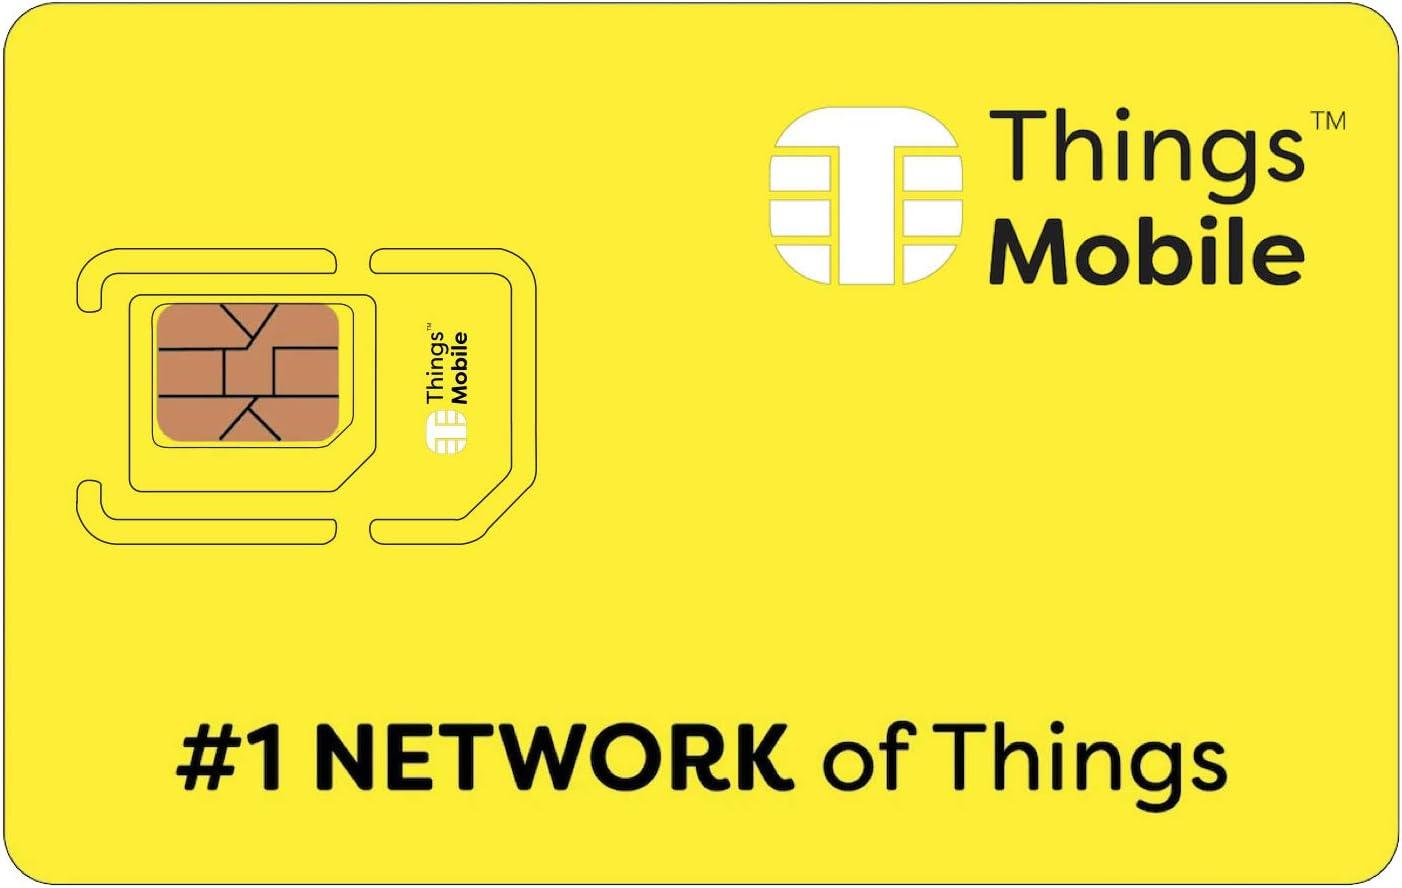 Tarjeta SIM Things Mobile de Prepago para IOT y M2M con Cobertura Global sin costos fijos. Ideal para domótica, rastreadores GPS, telemetría, alarmas, Smart City, Automotive. (SIM + 10 MB)